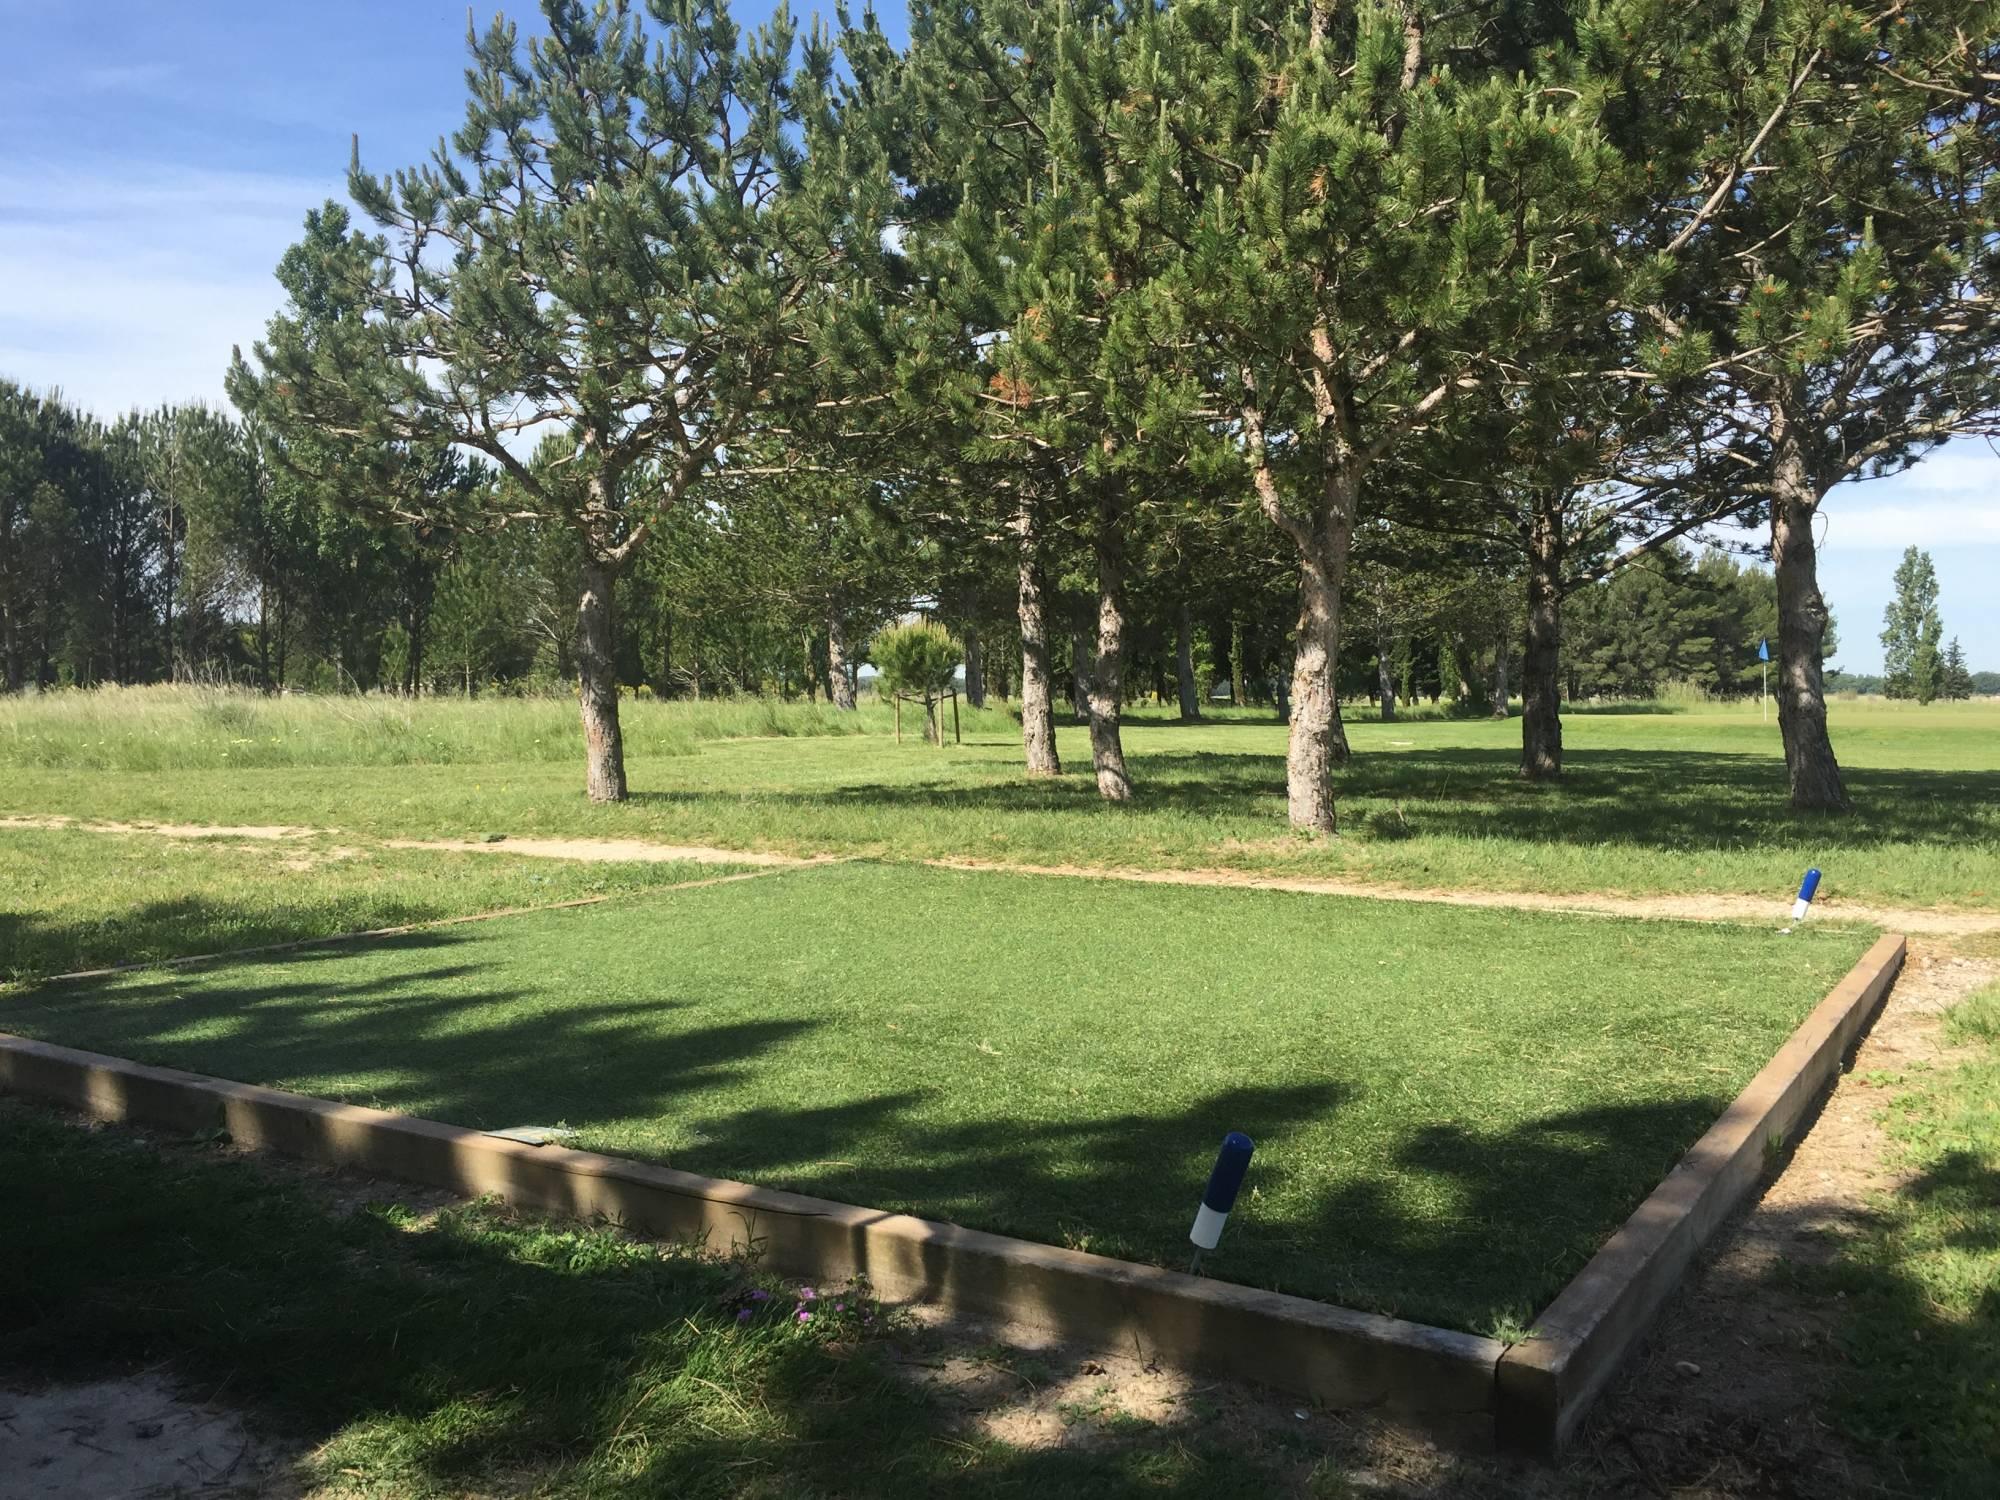 départ de golf artificiel du golf de l'école de l'air à Salon de Provence